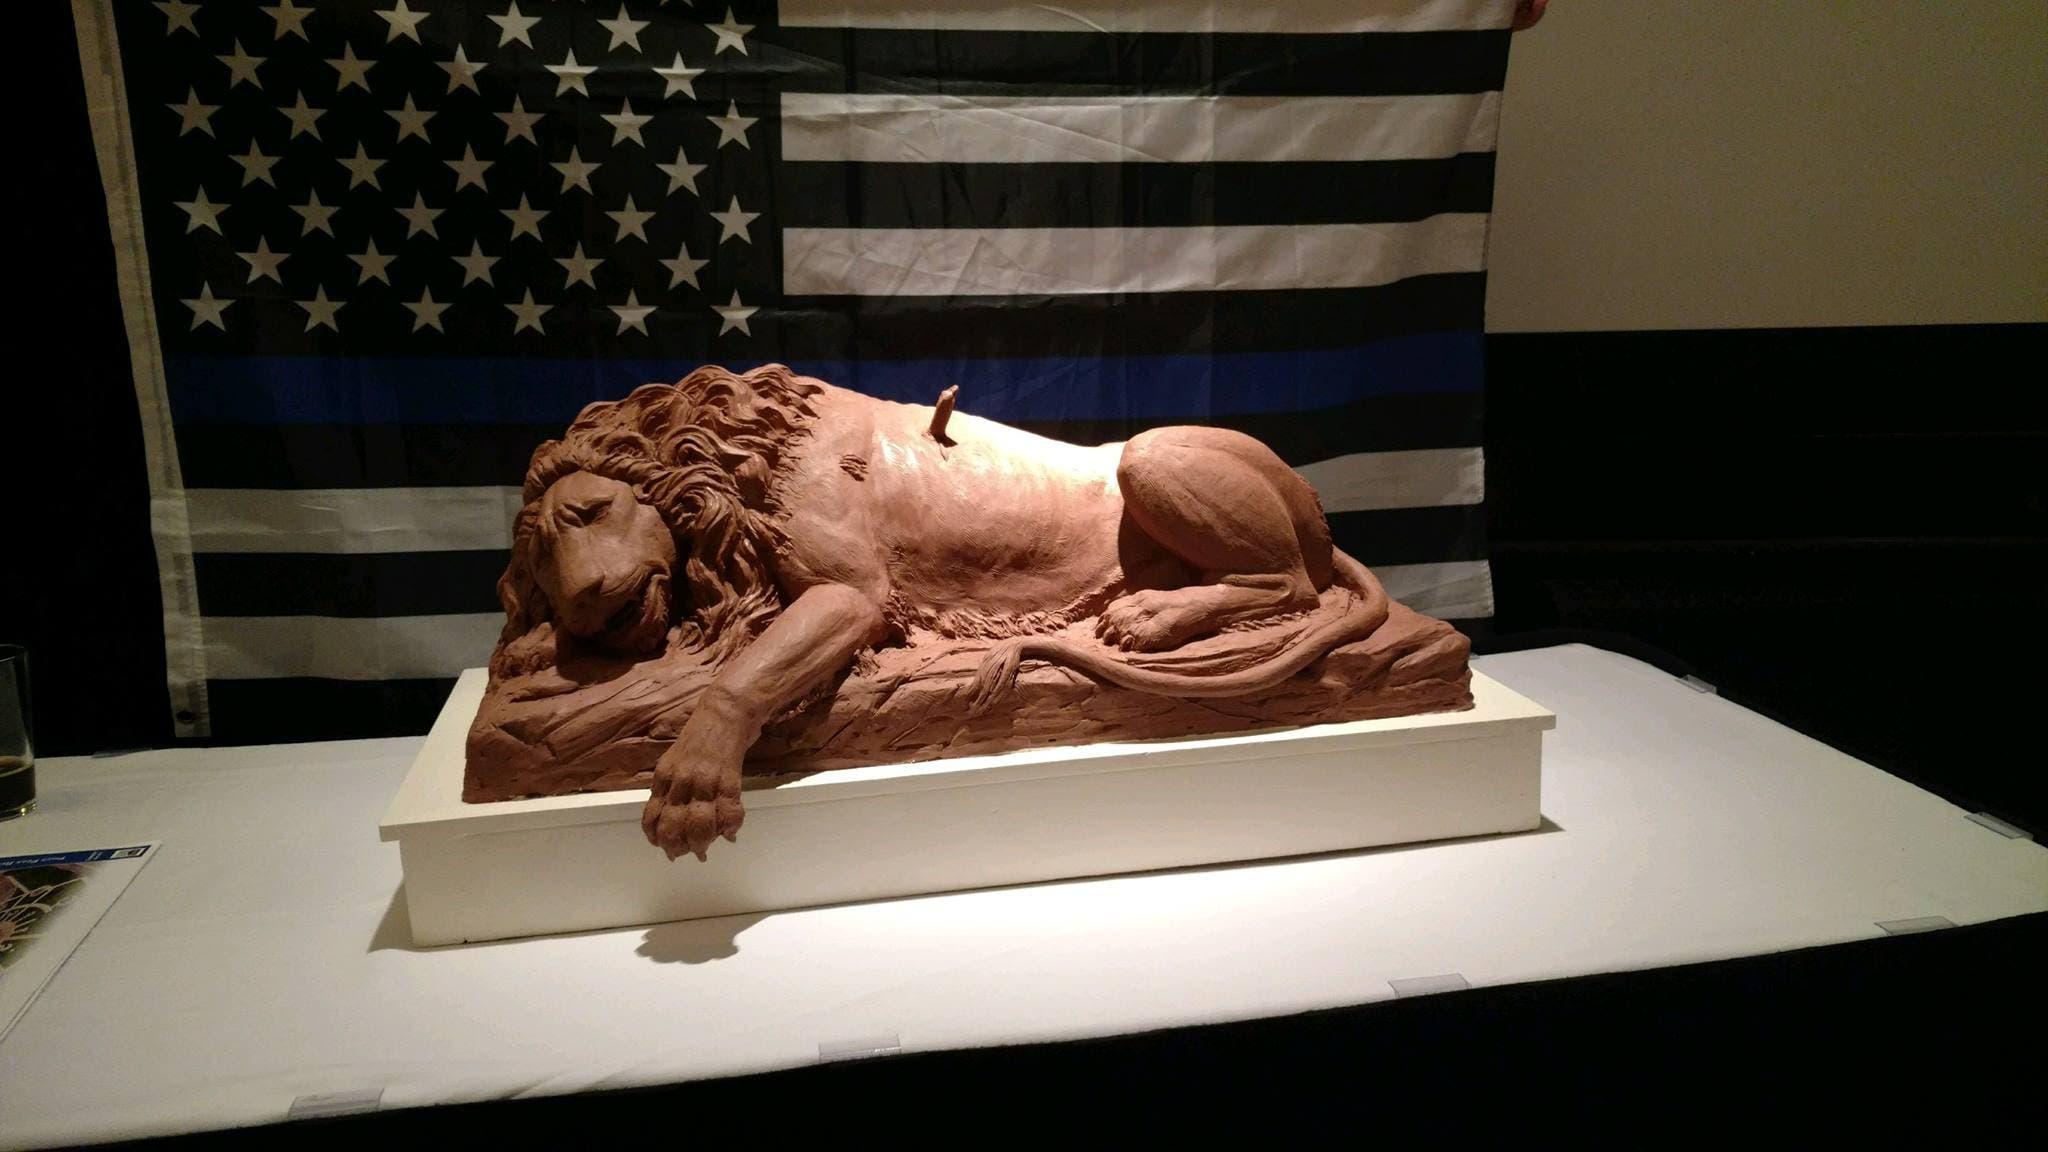 Modell des Denkmals. Bilder: Pikes Peak Region Peace Officers' Memorial